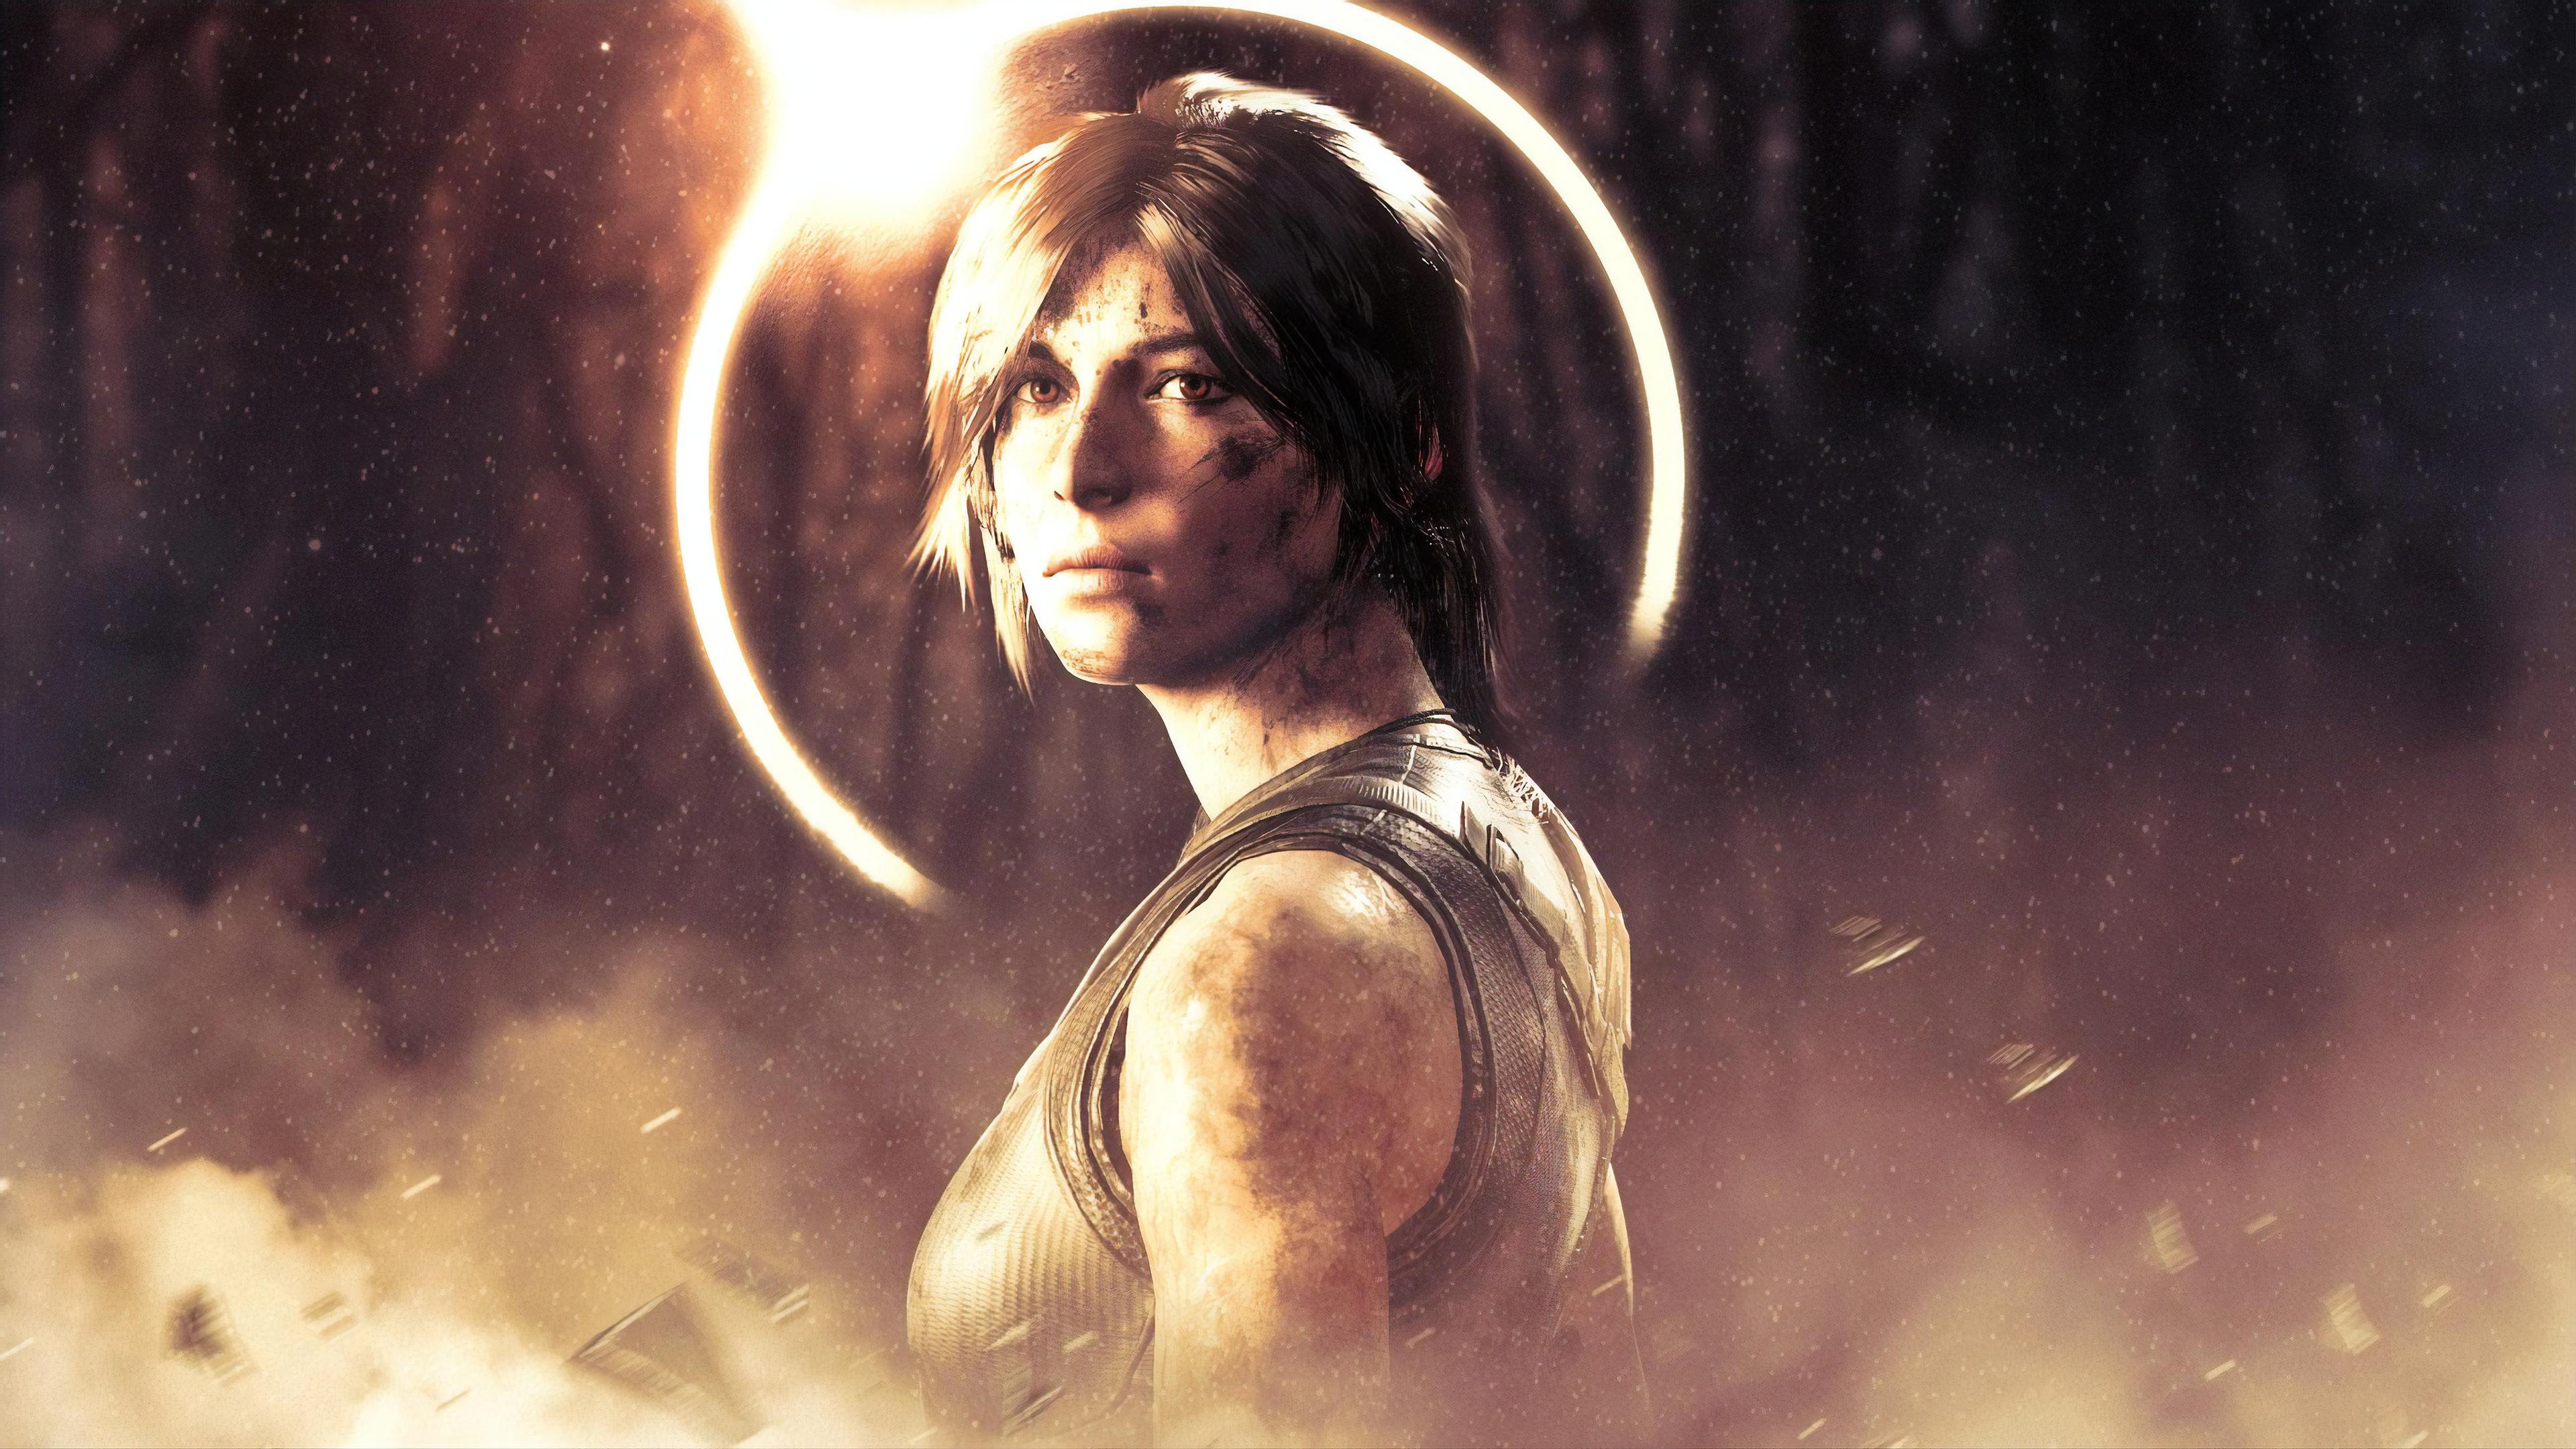 3840x2160 Lara Croft From Shadow Of The Tomb Raider 4k Hd 4k